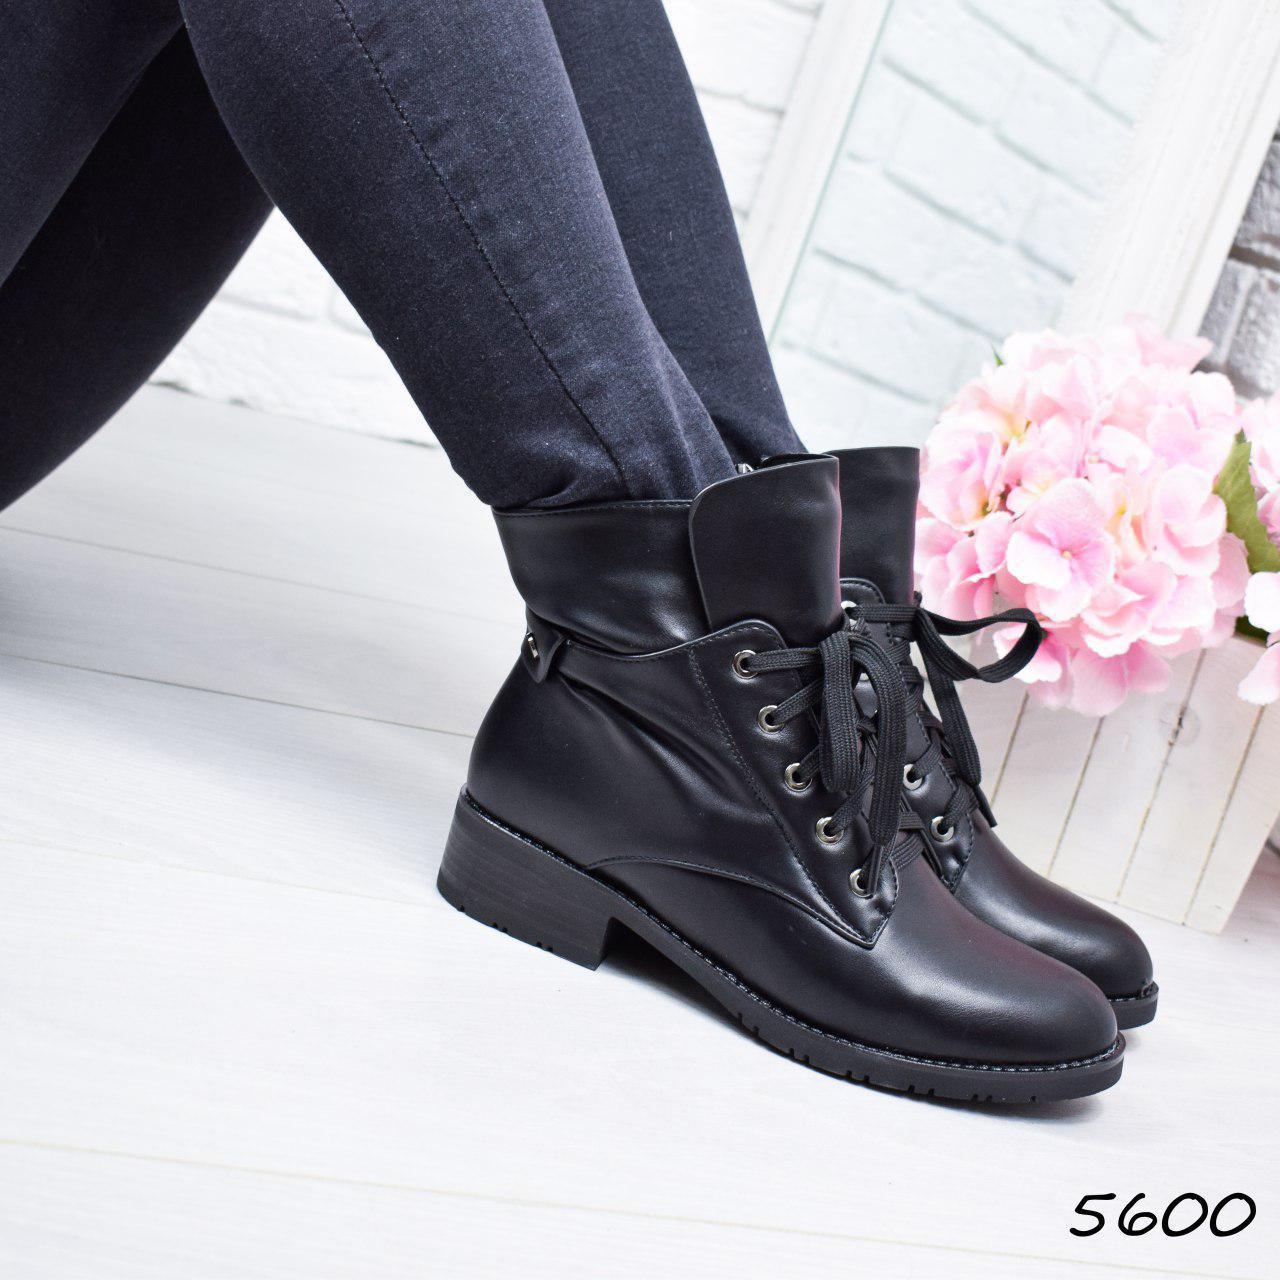 """Ботинки, ботильоны черные """"Brutal"""" эко кожа, повседневная, демисезонная, осенняя, женская обувь"""